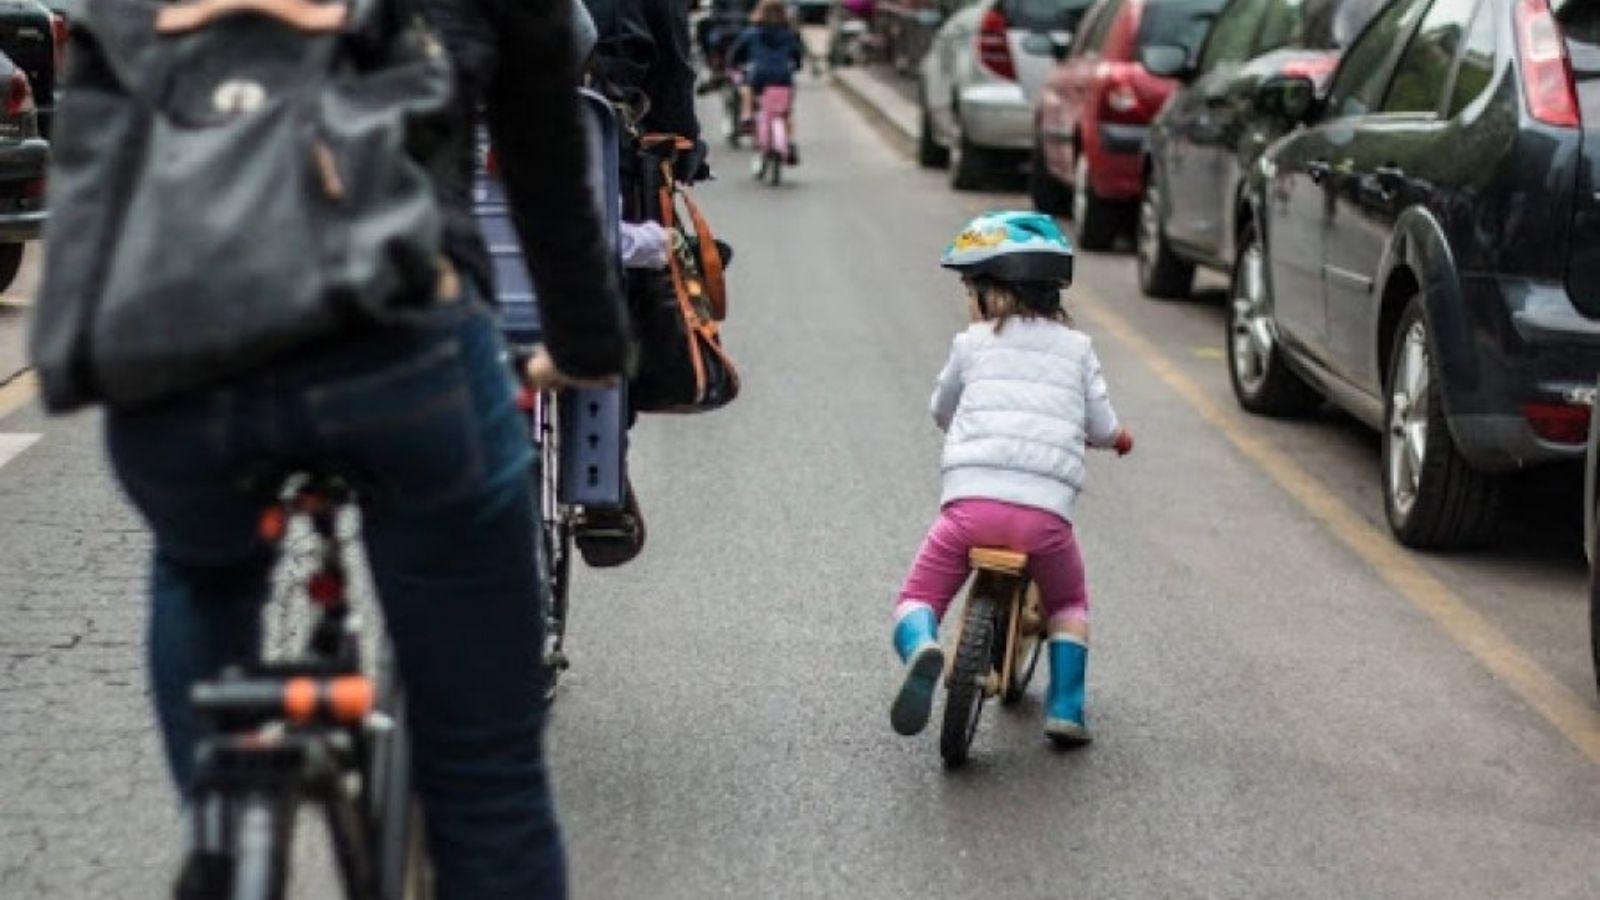 Bambini a scuola in bici